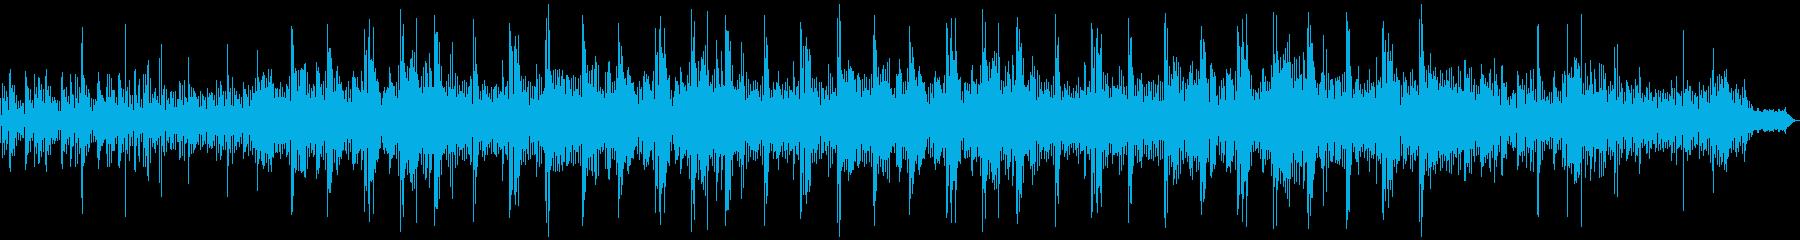 神秘的な映像に合うエレクトロニカの再生済みの波形